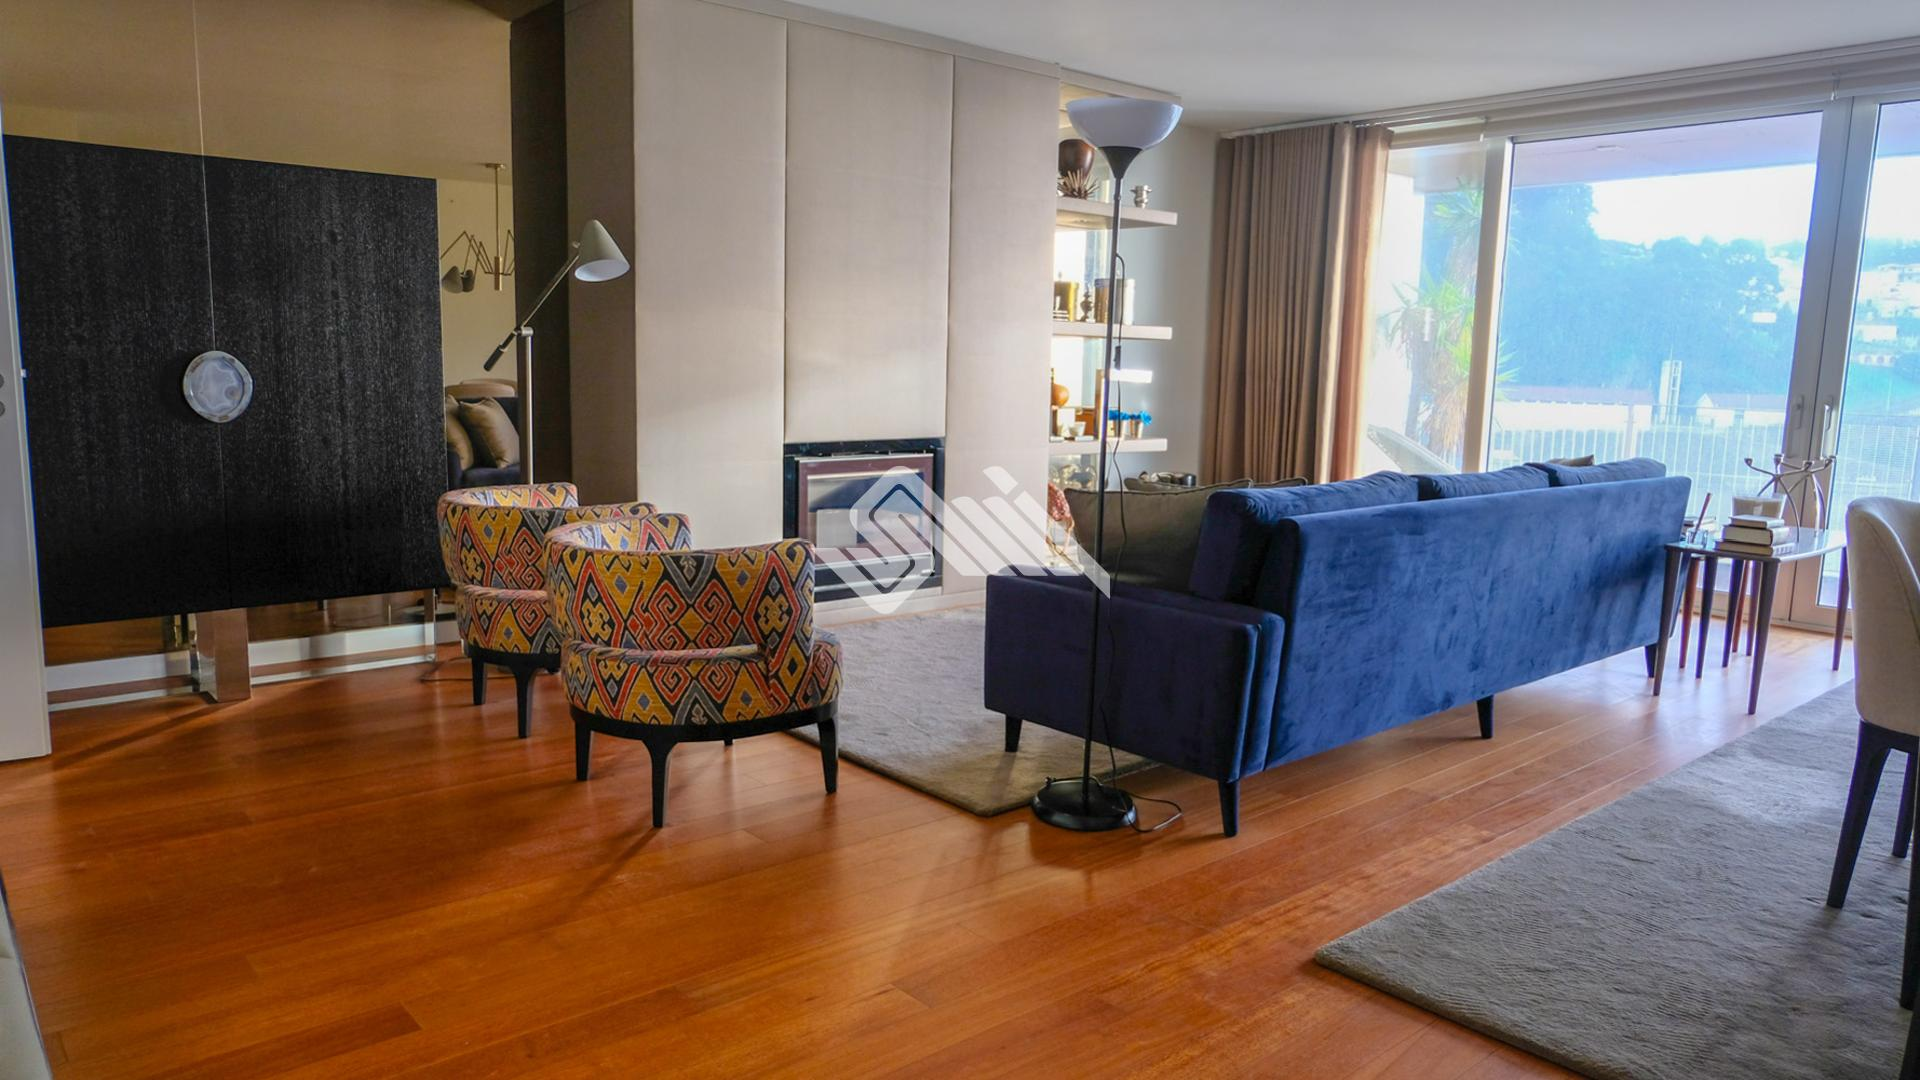 Apartamento T2 em Porto  - Porto, UDF De Lordelo Do Ouro E Massarelos